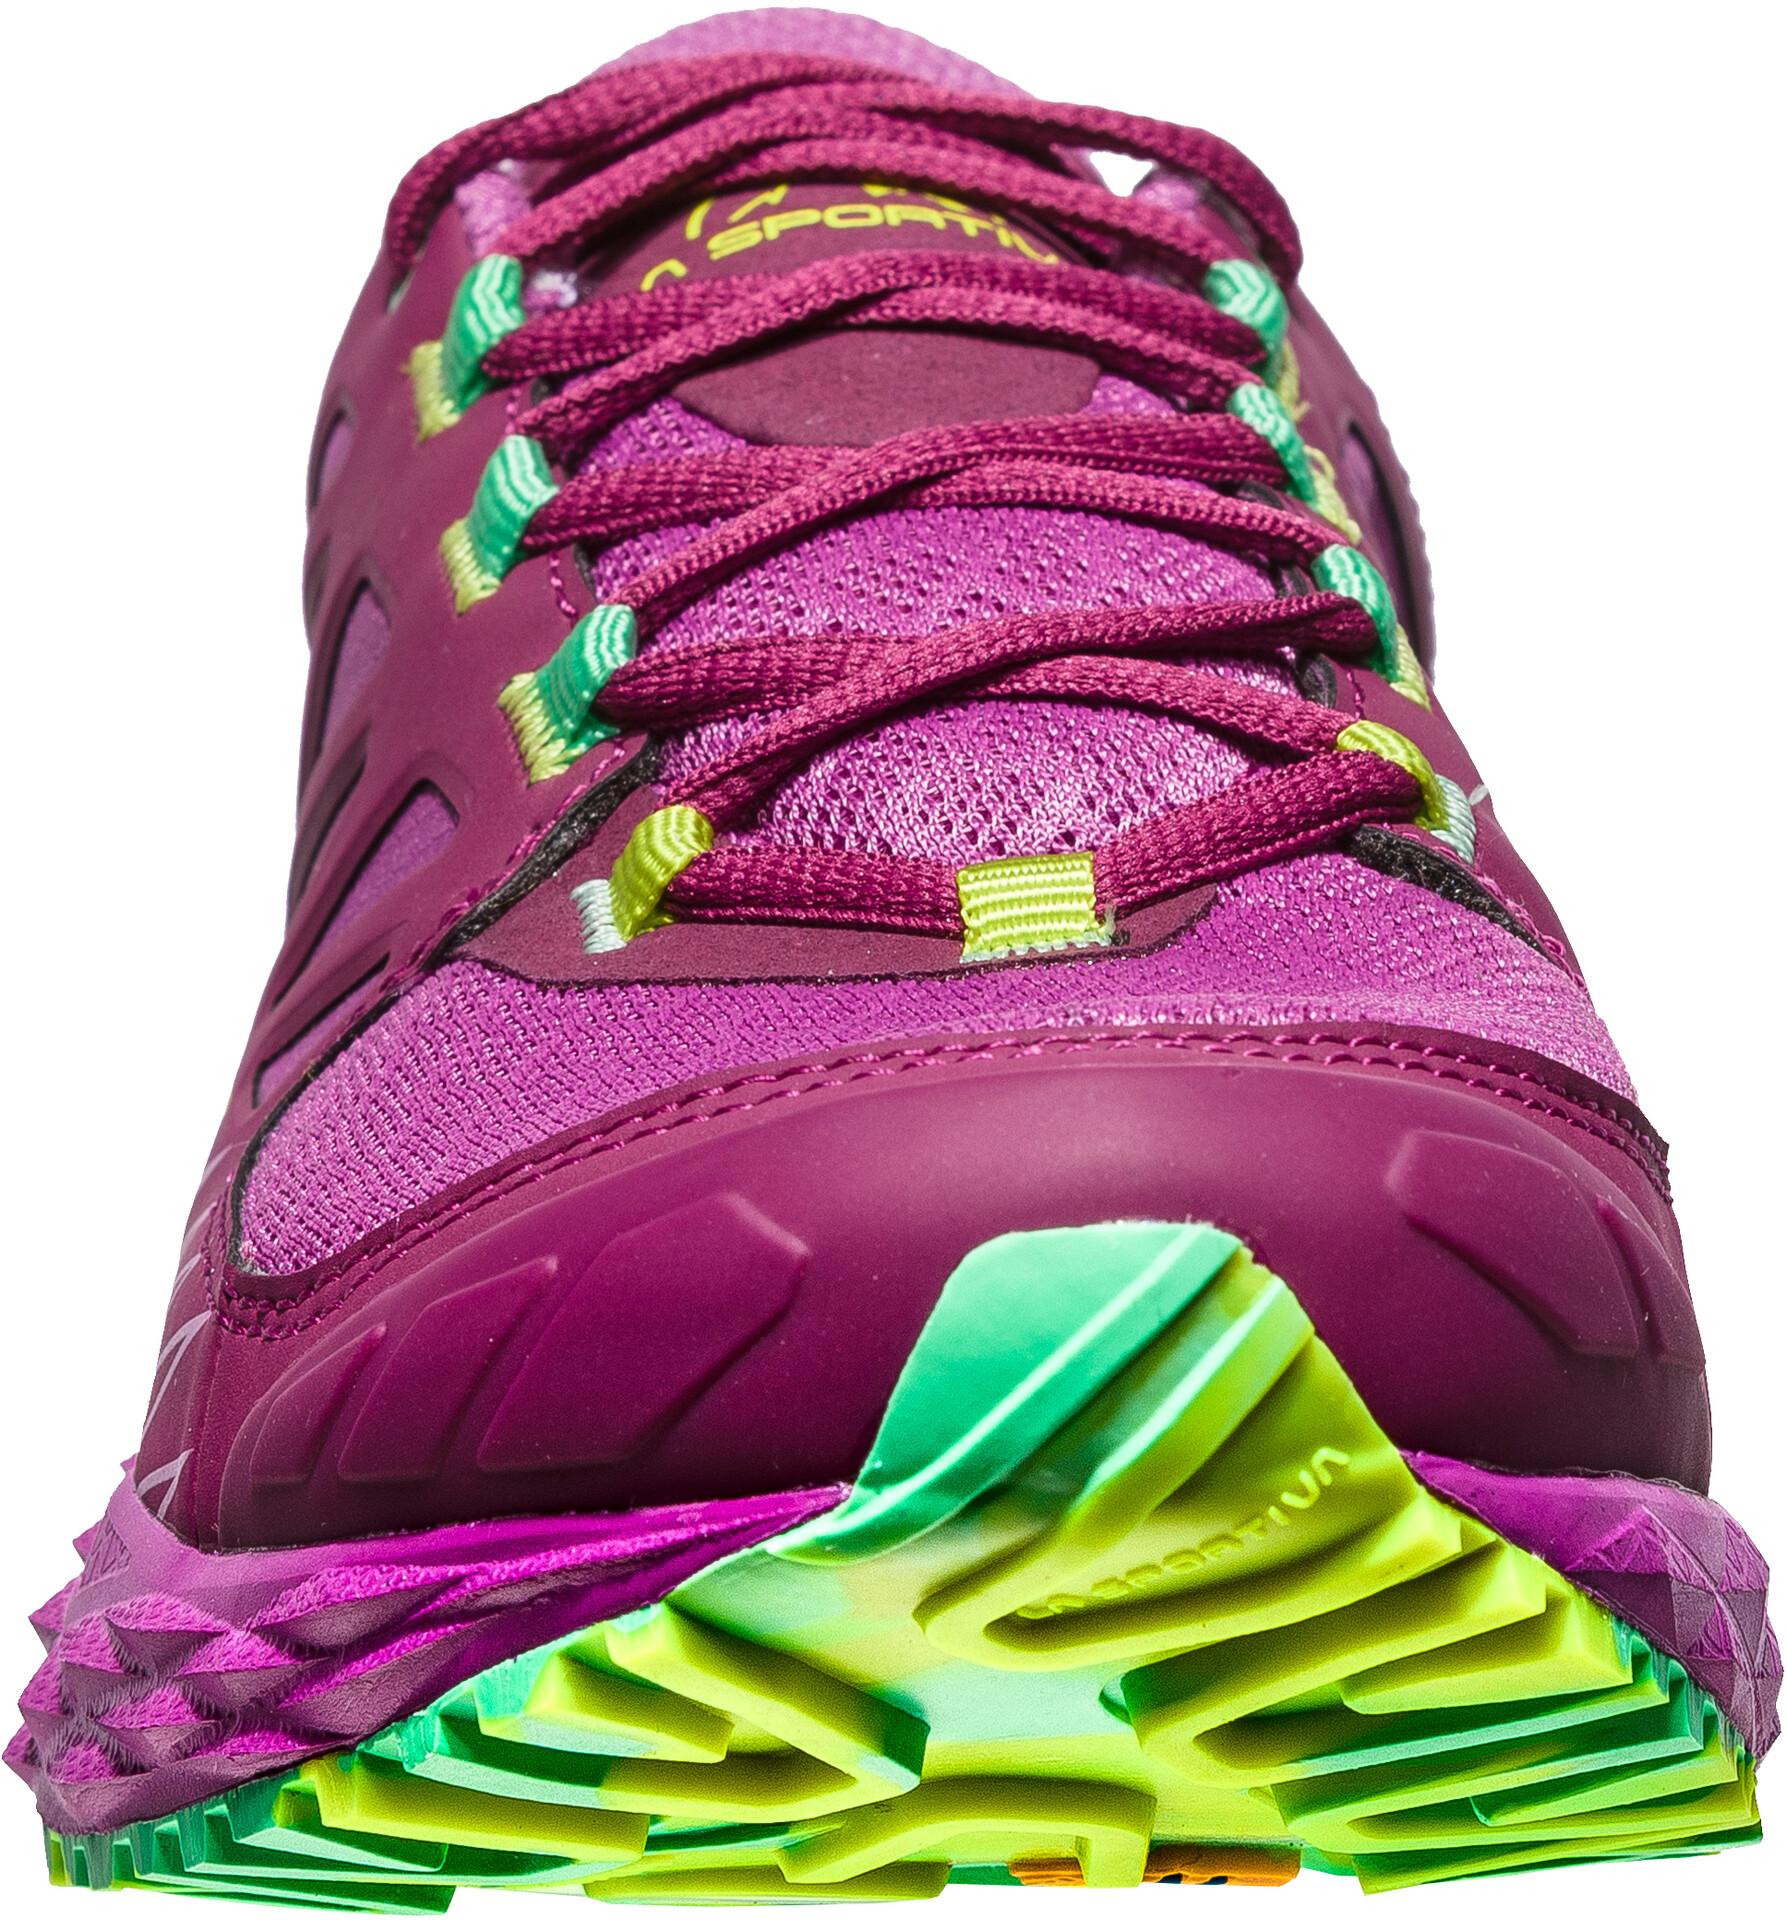 Shoes Running La Lycan Sportiva Damen Purpleplum iuOPkXZT